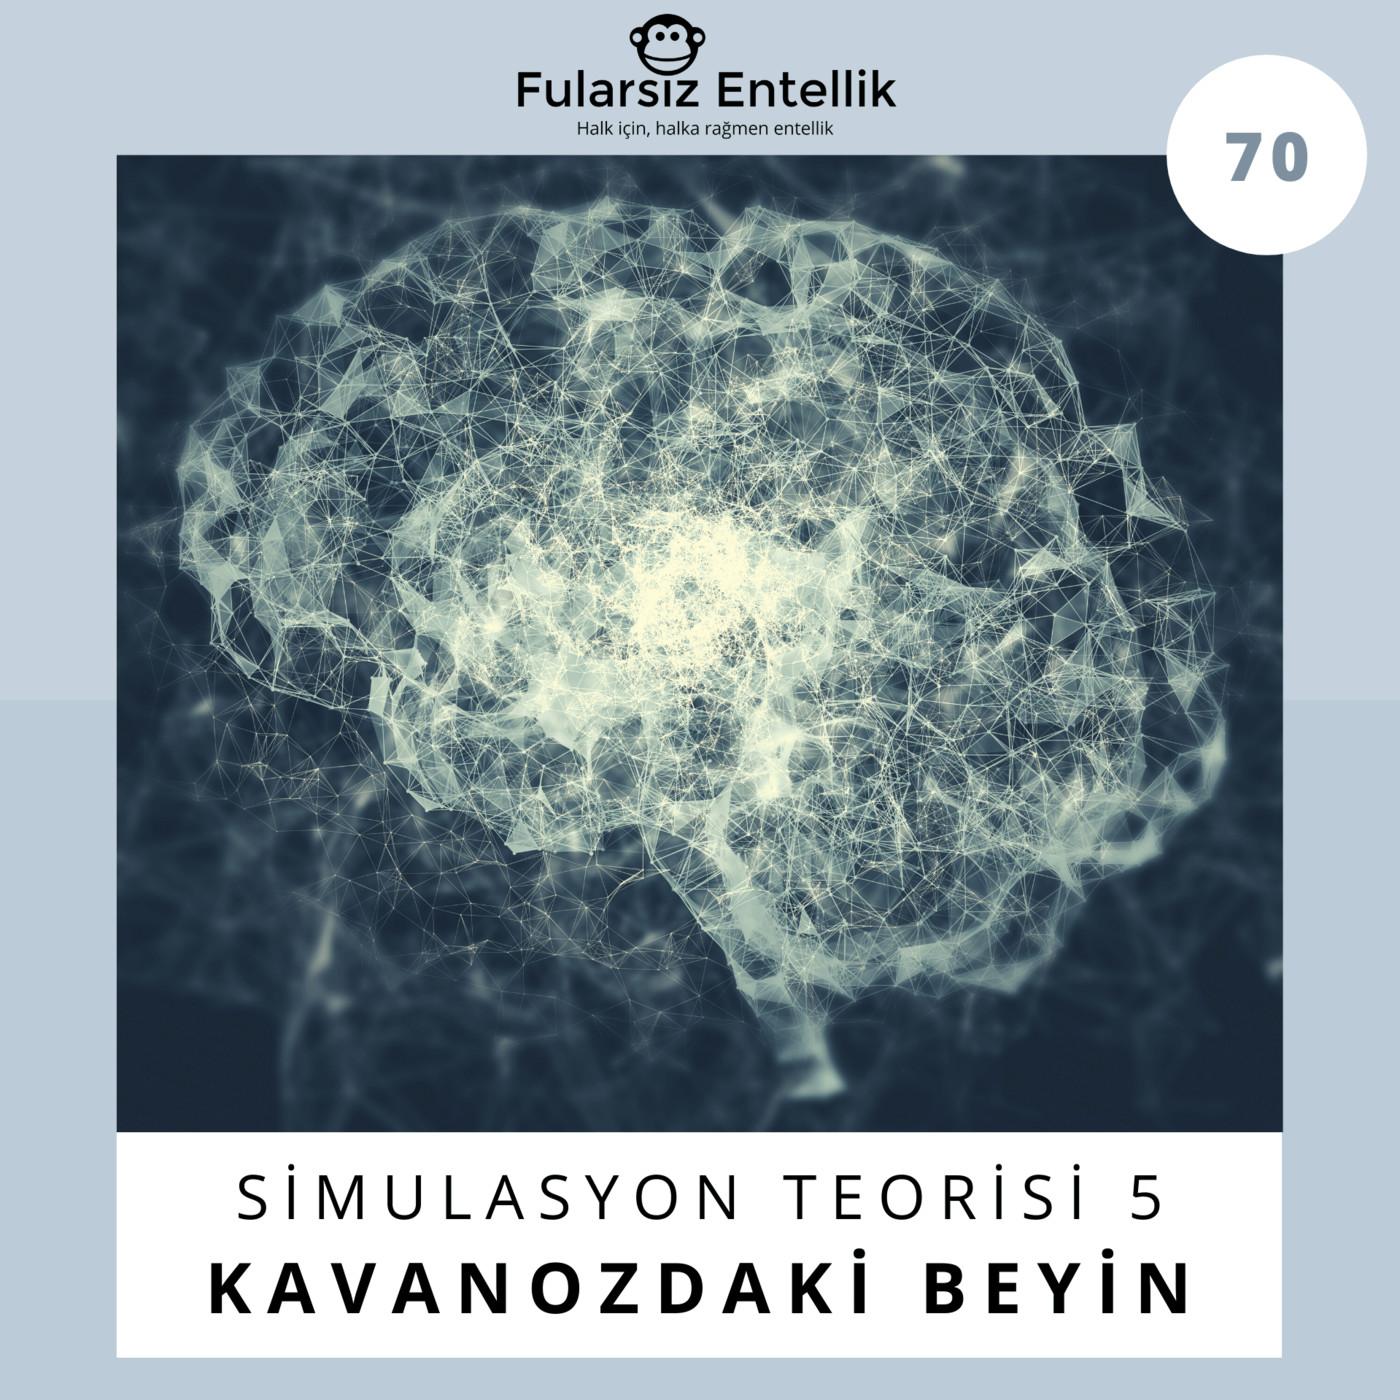 Simülasyon Teorisi 5: Kavanozdaki Beyinler